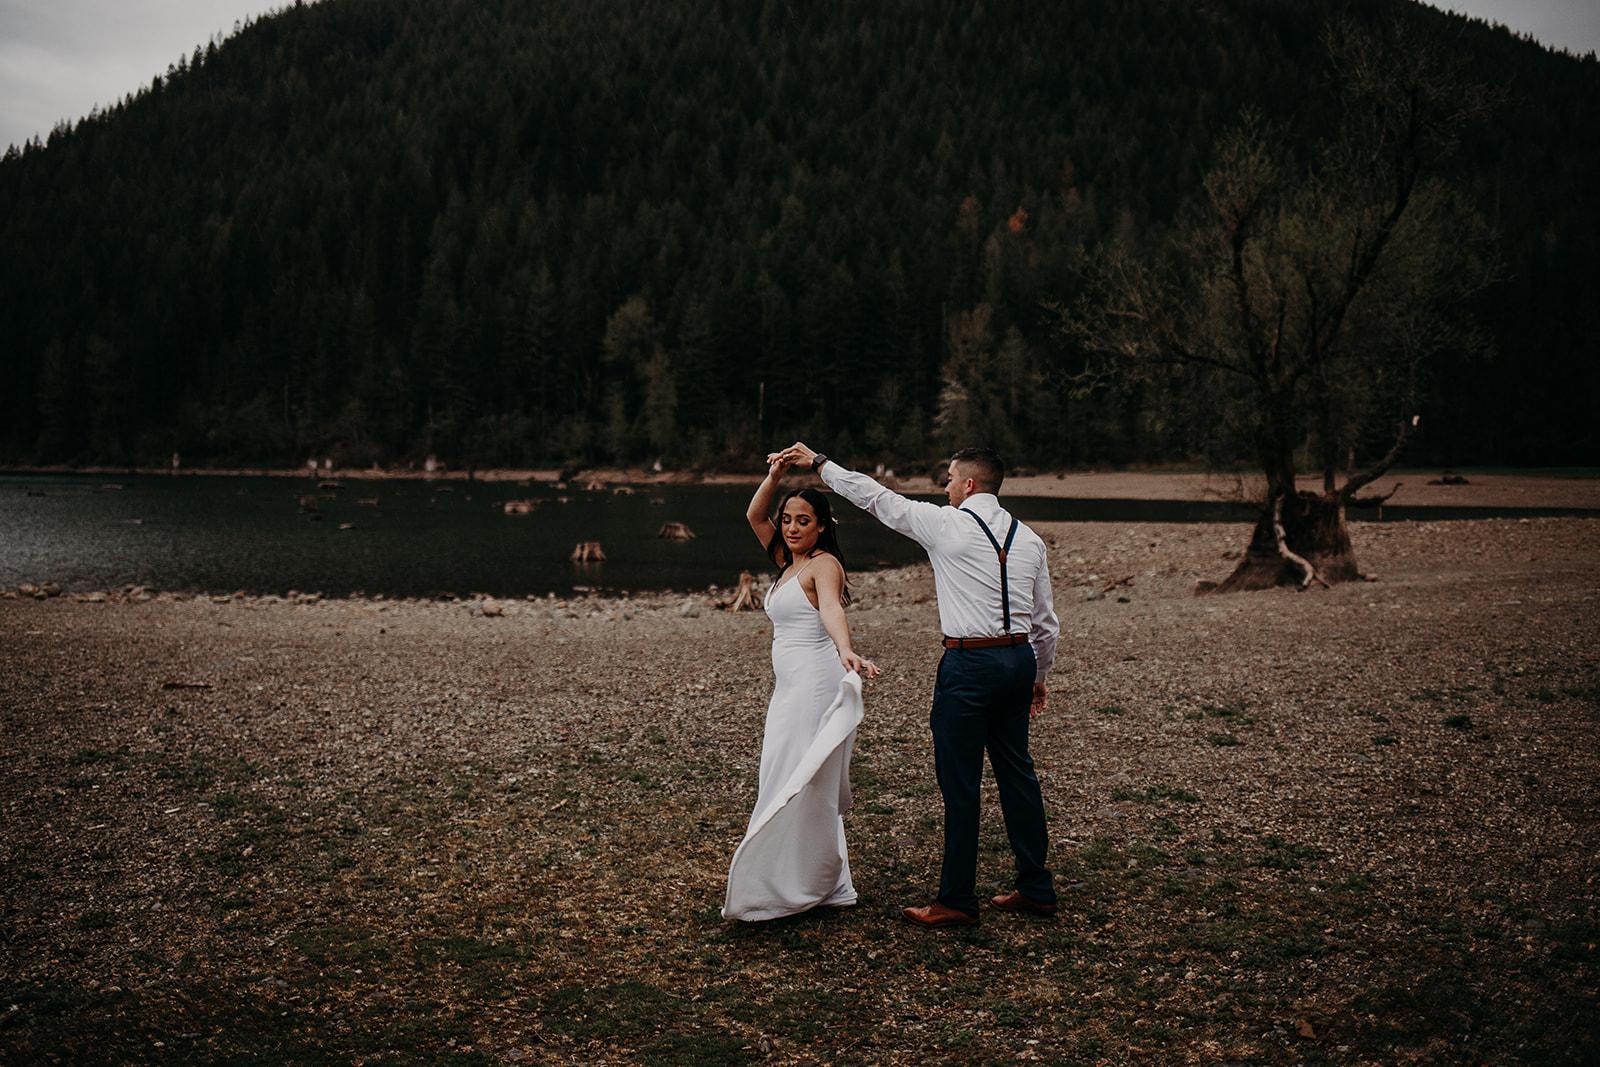 winter-mountain-elopement-asheville-wedding-photographer-megan-gallagher-photographer (70).jpg